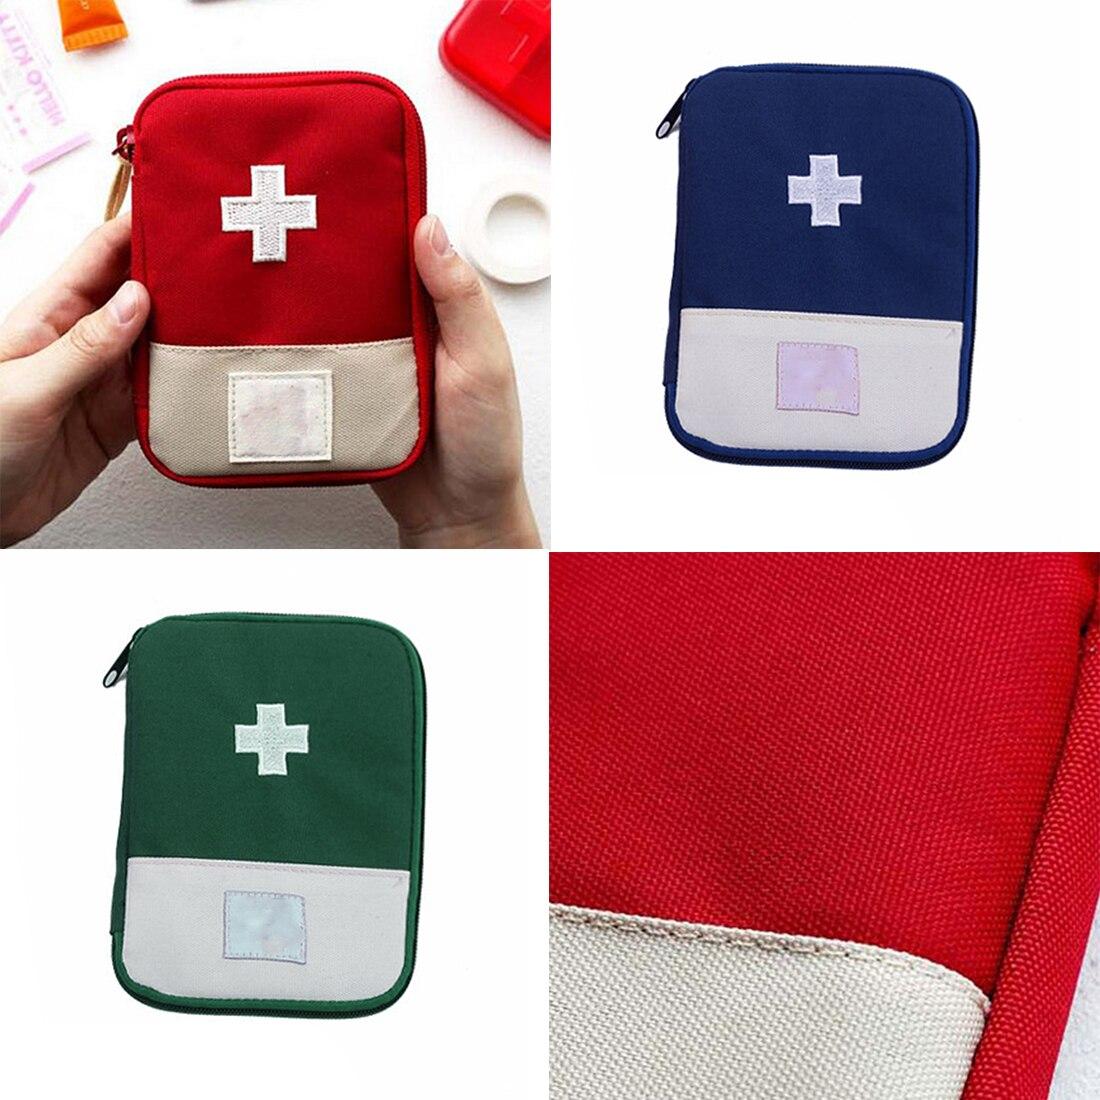 Лидер продаж 2016 года Оптовая Новый Бытовая медицинская сумка для хранения выживания Портативный аптечка первой помощи сумка